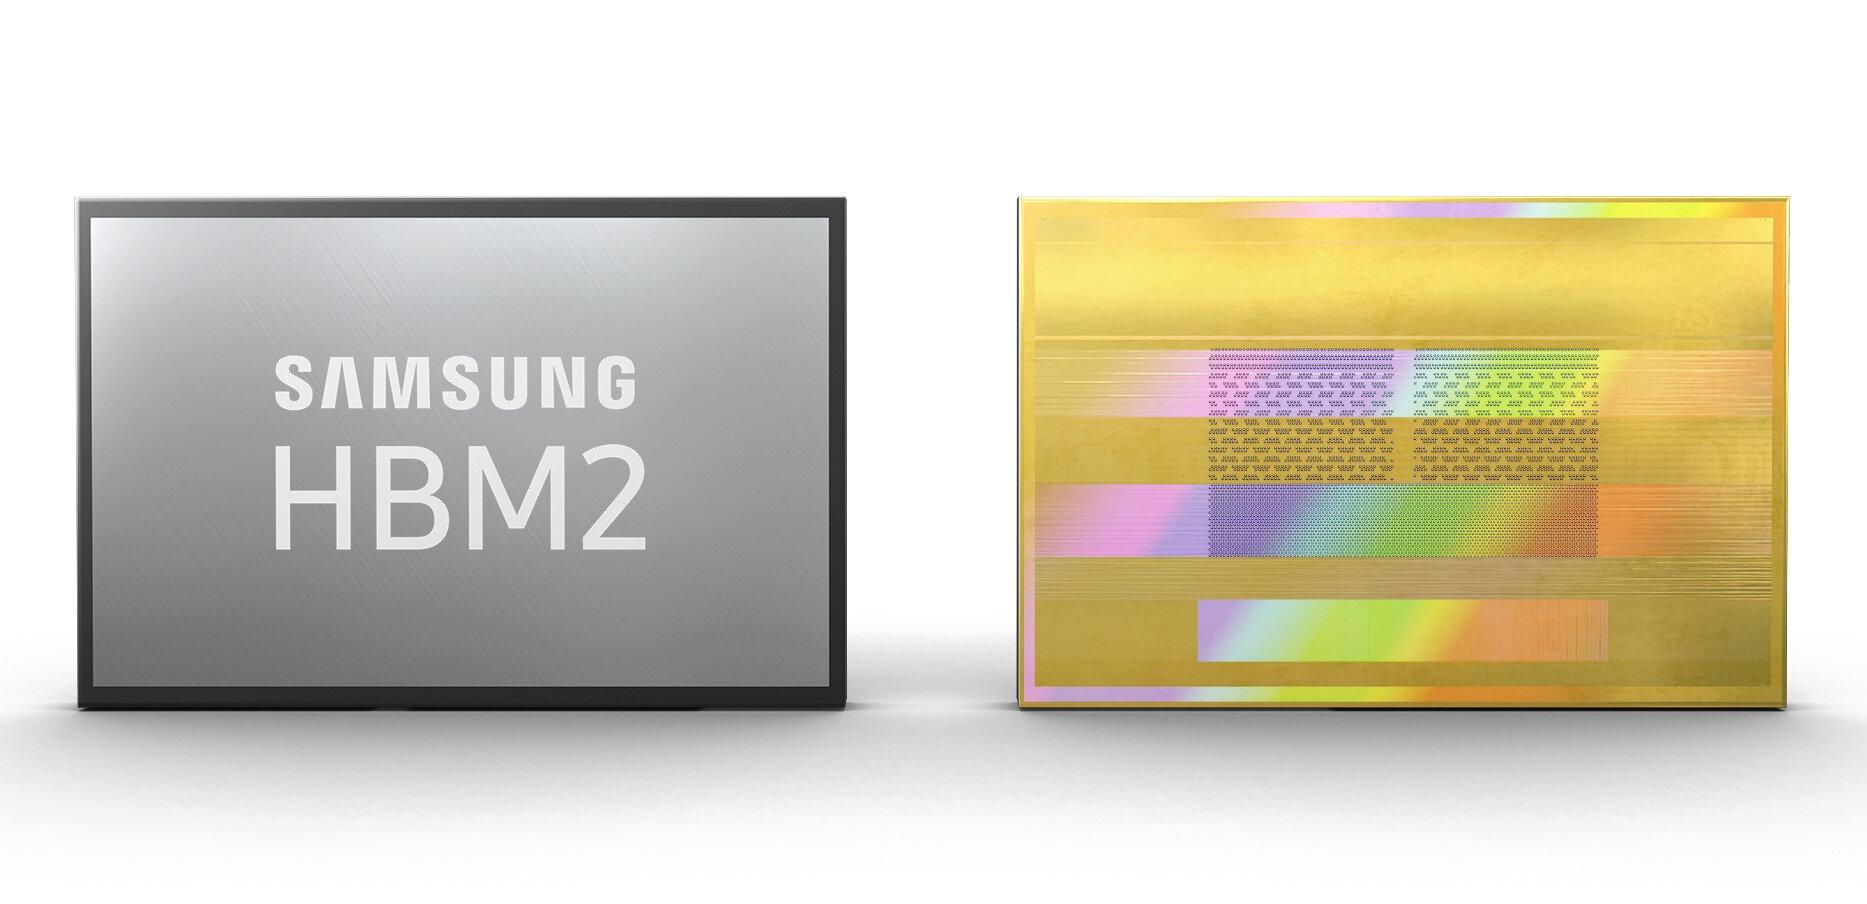 HBM2(E) 3e génération : le JEDEC sort du bois, Samsung lance sa Flashbolt jusqu'à 538 Go/s